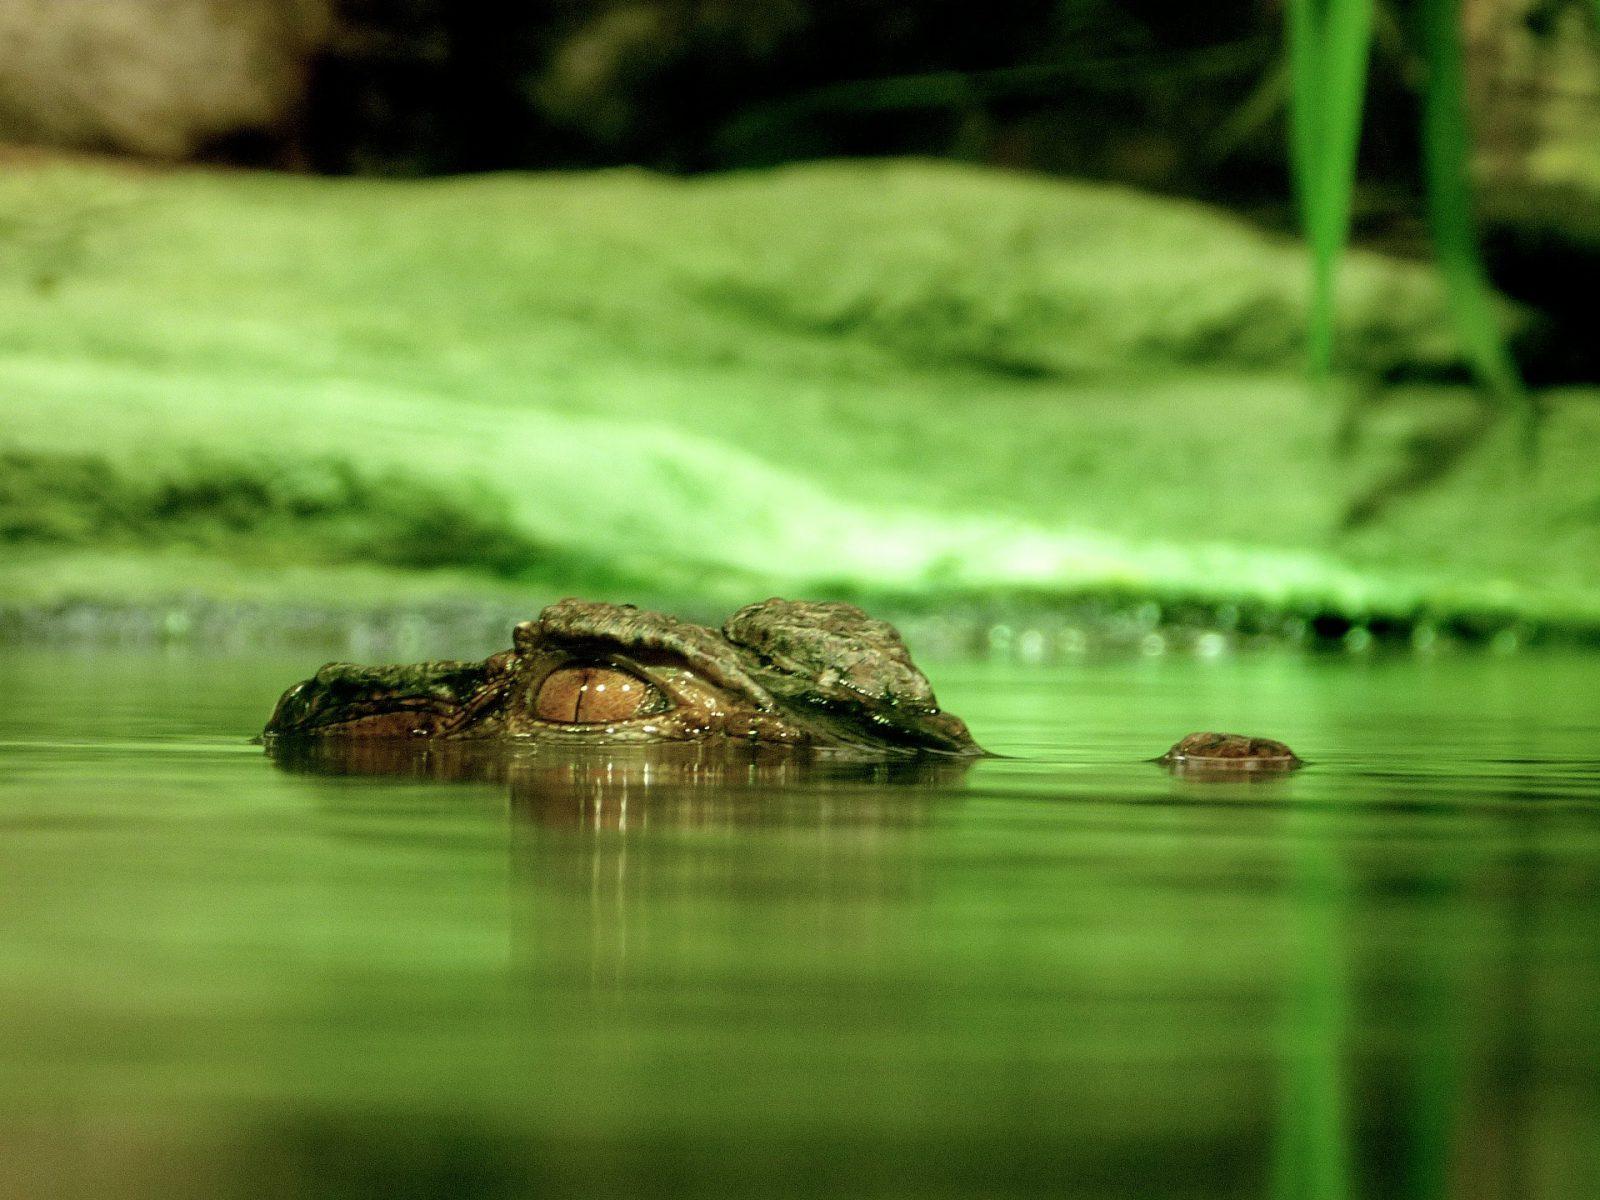 O jacaré tem grande importância ecológica e está em perigo de extinção.